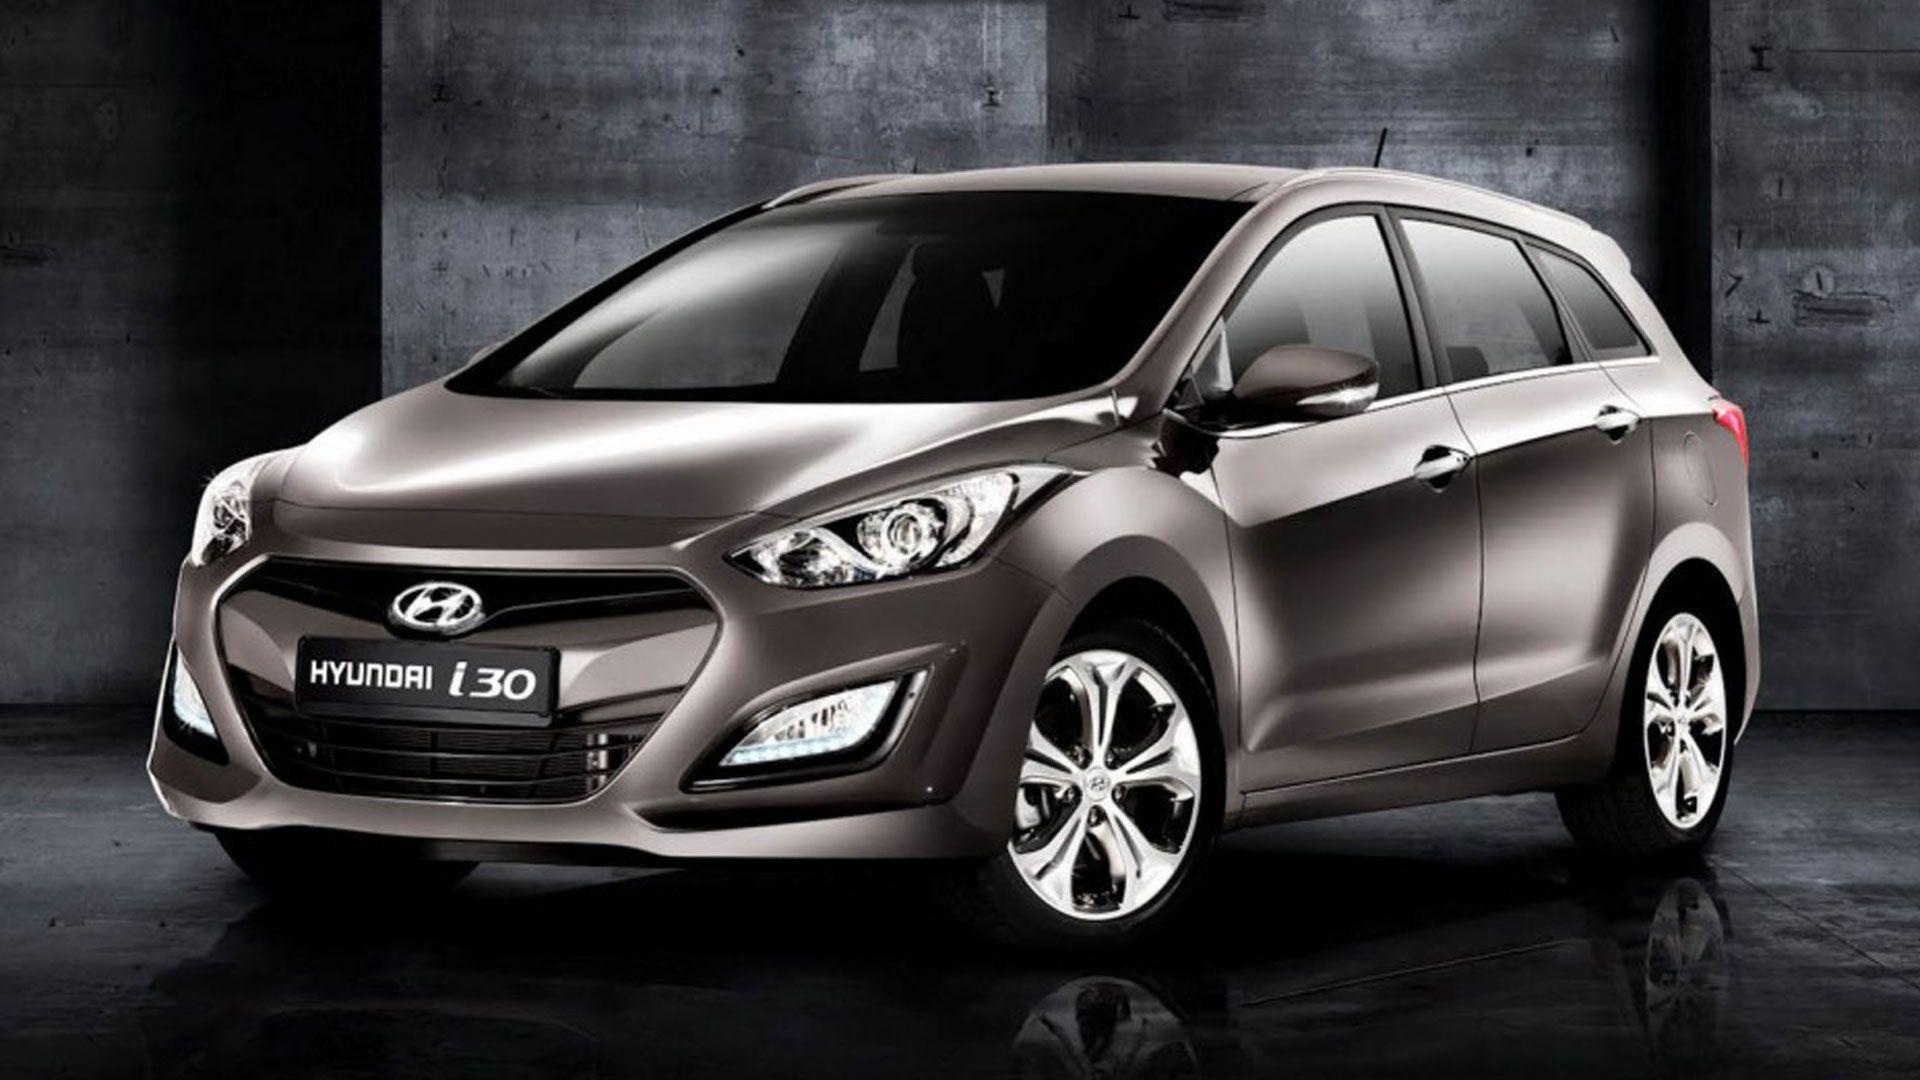 Hyundai I30 Wagon Hyundai Motor Hyundai Hyundai Cars